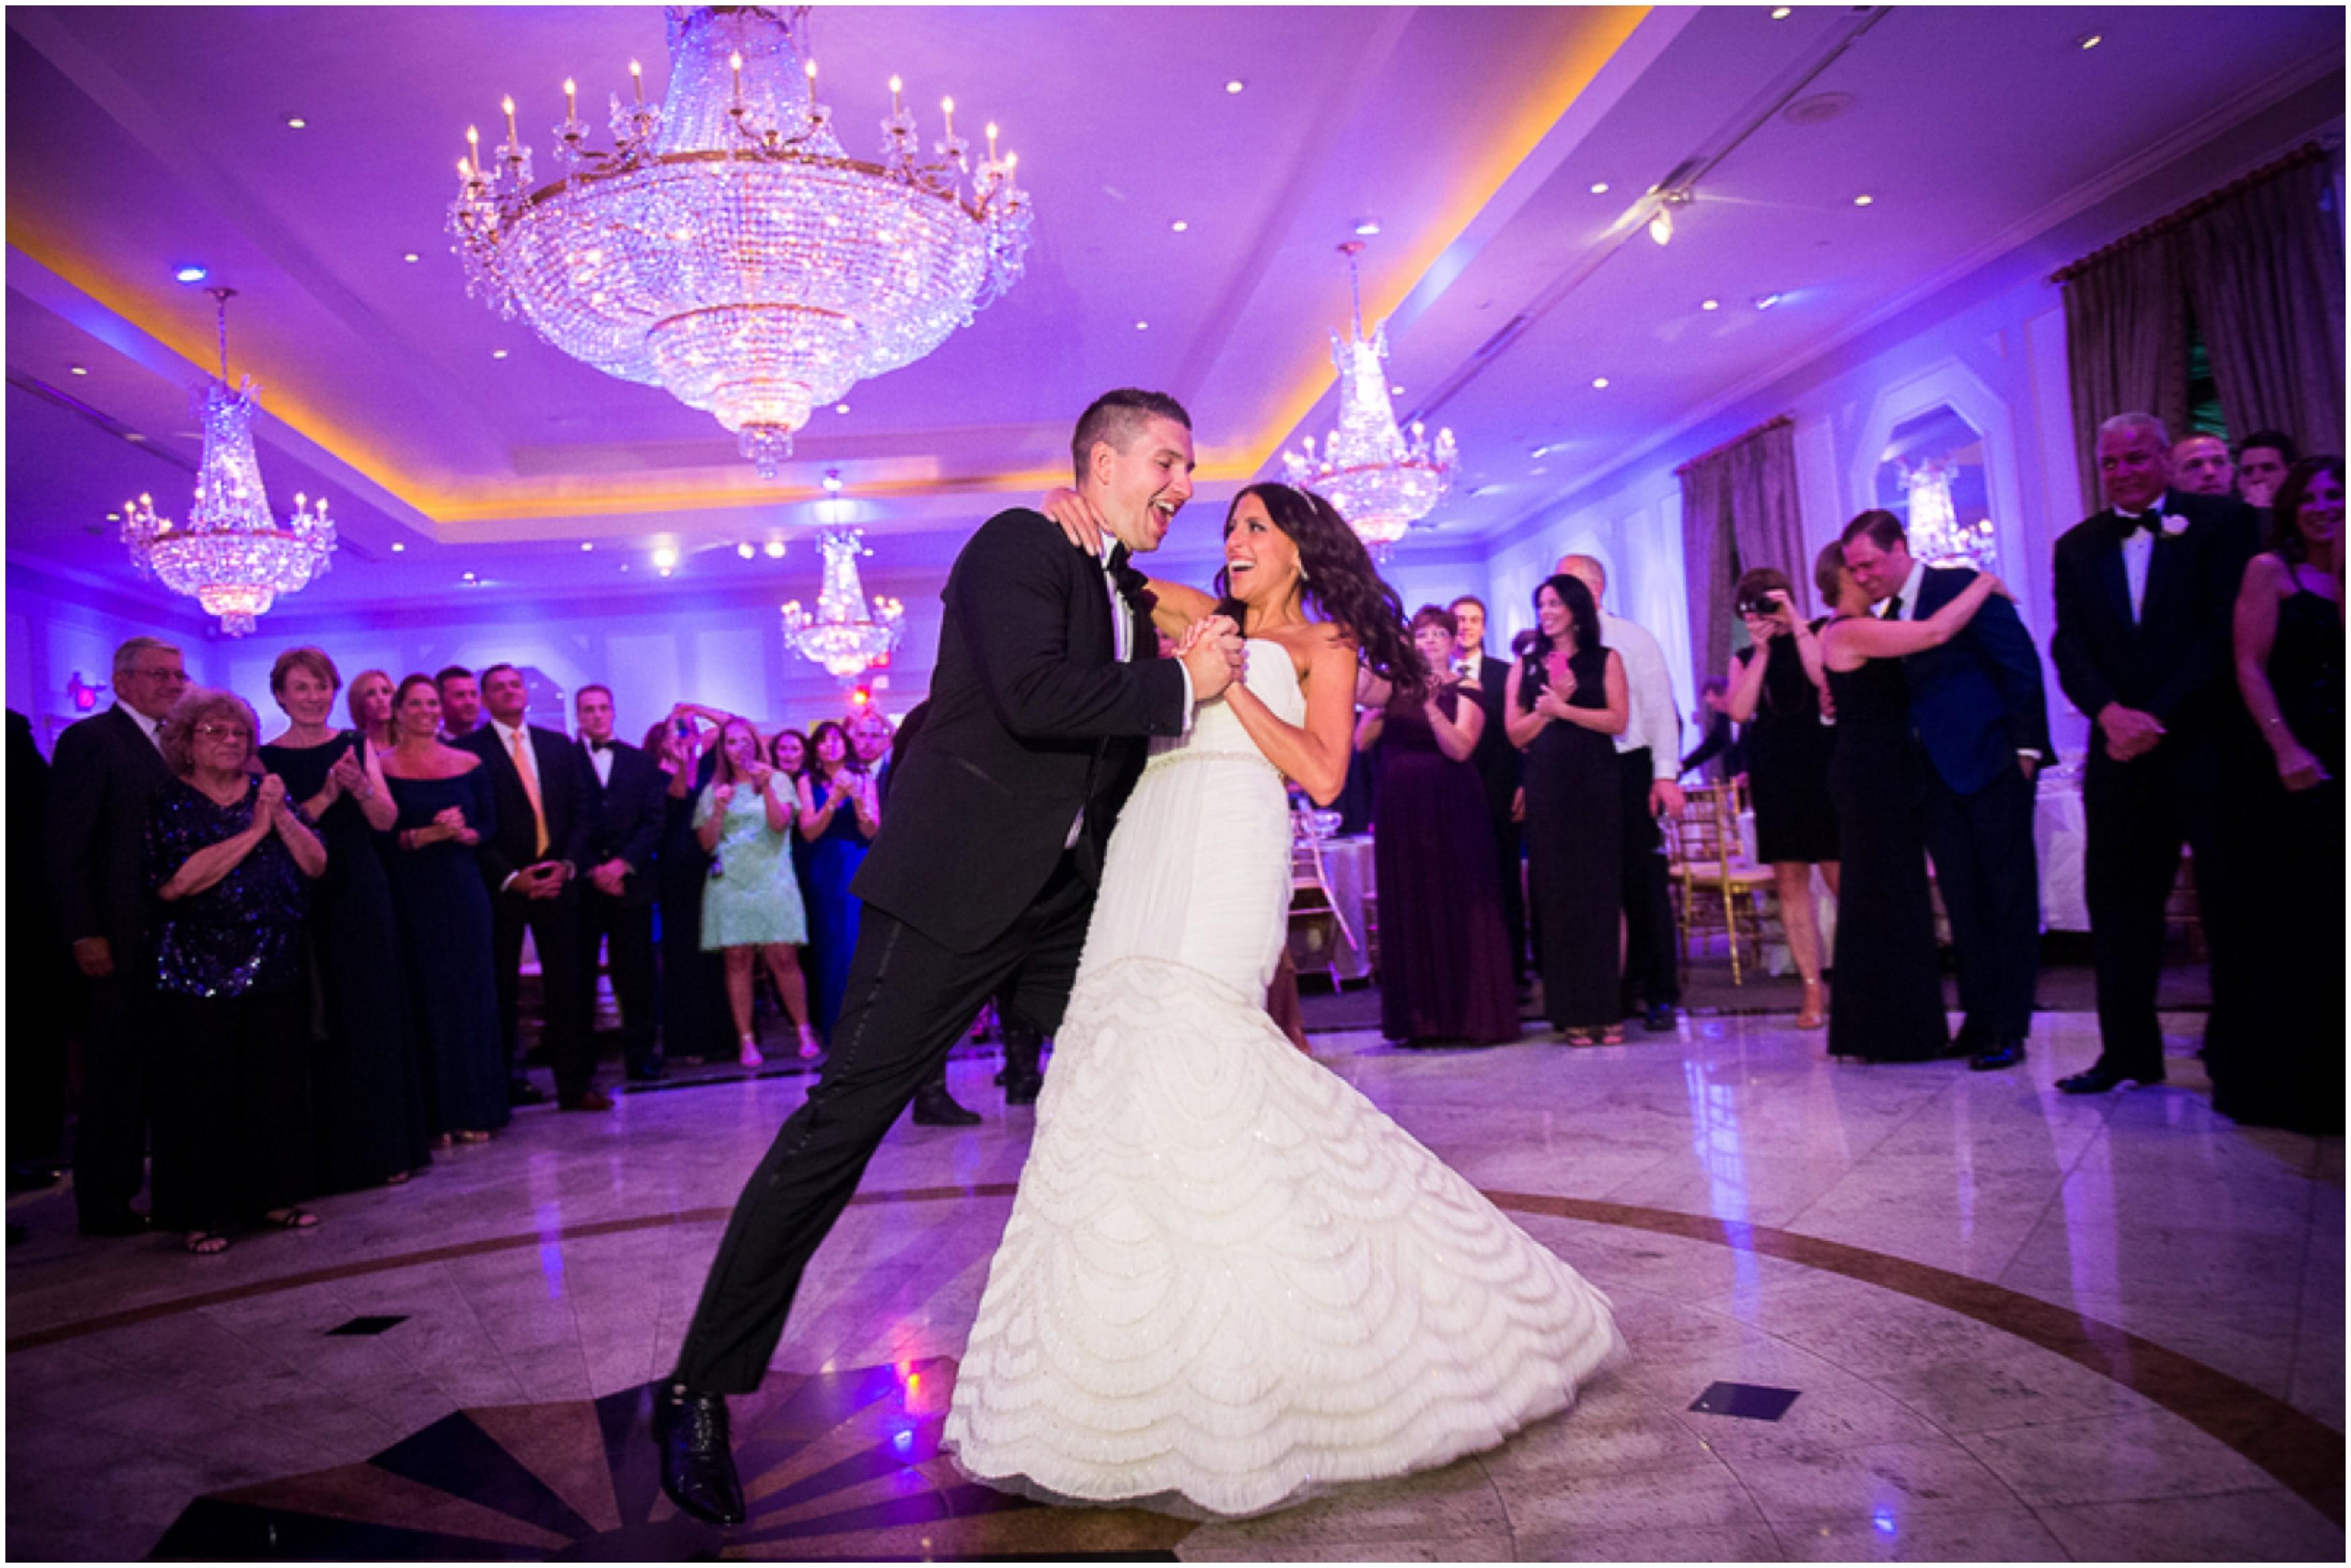 10 sugestões de etiqueta para convidados de casamento